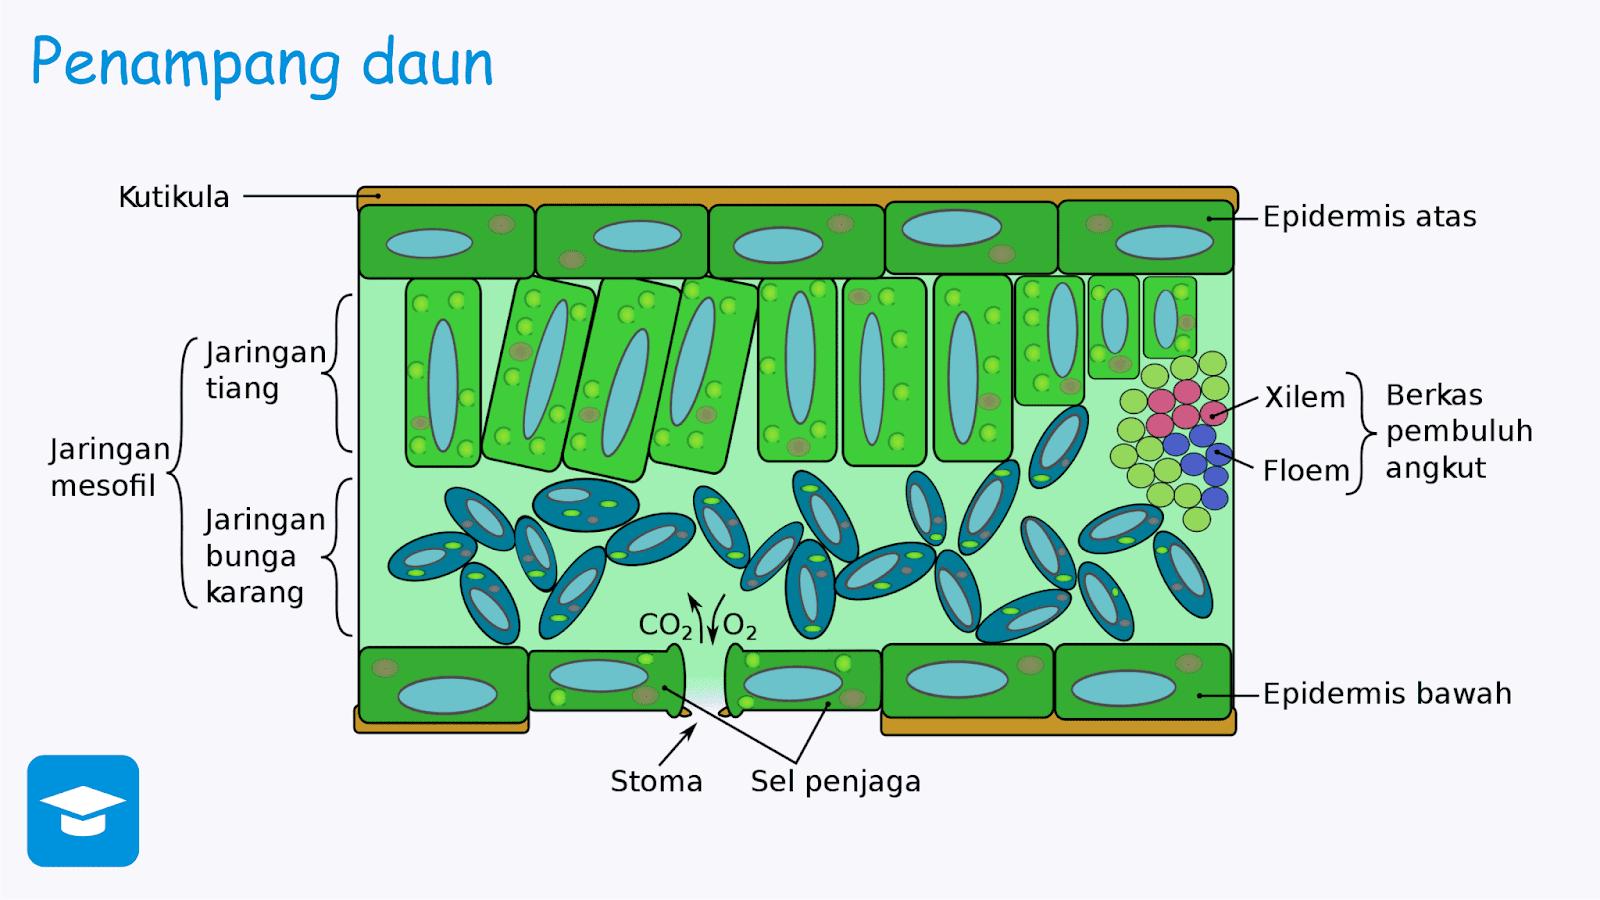 Gambar penampang daun